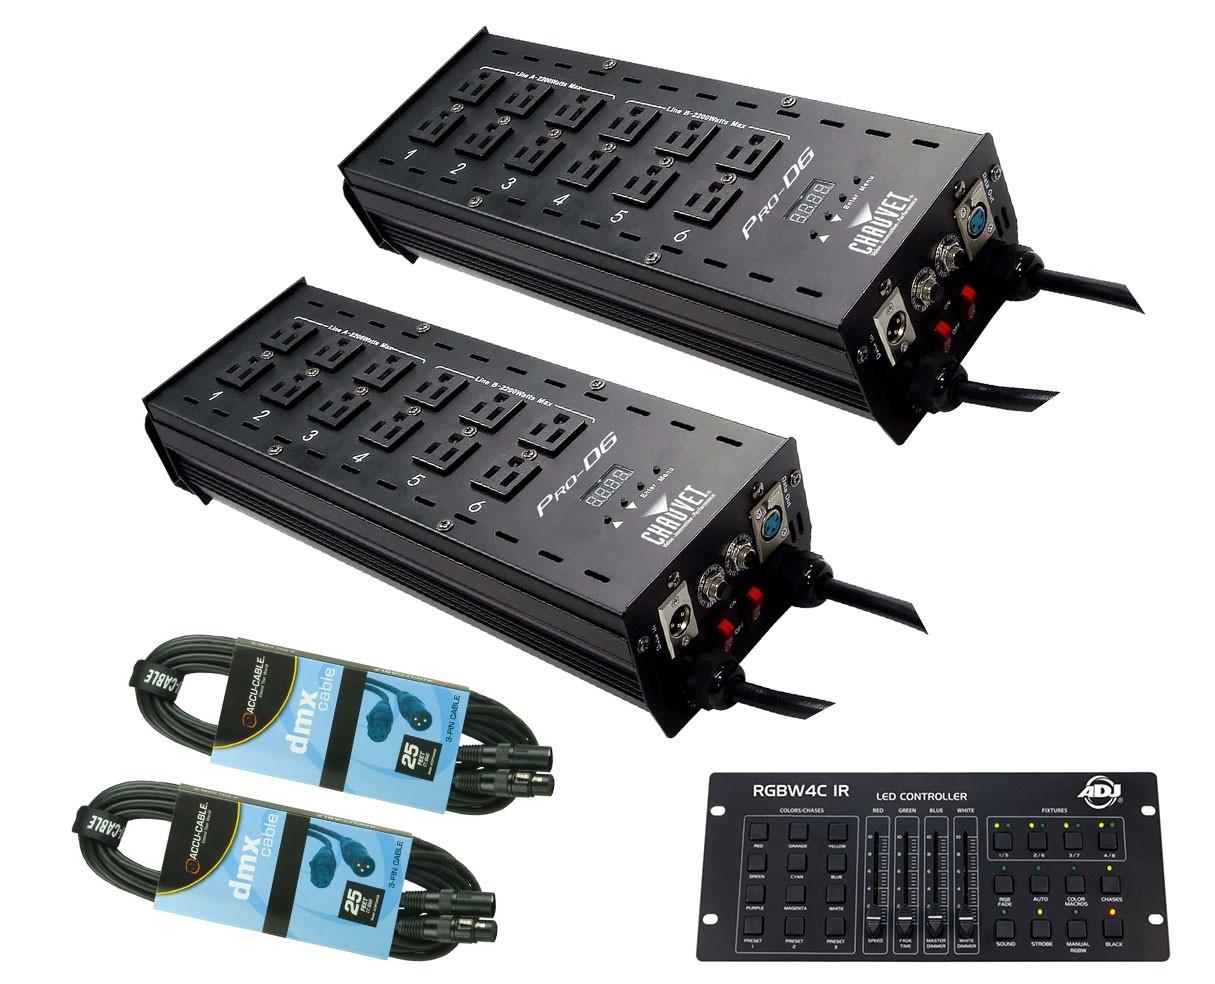 2x CHAUVET DJ Pro-D6 + RGBW4C IR + Cables